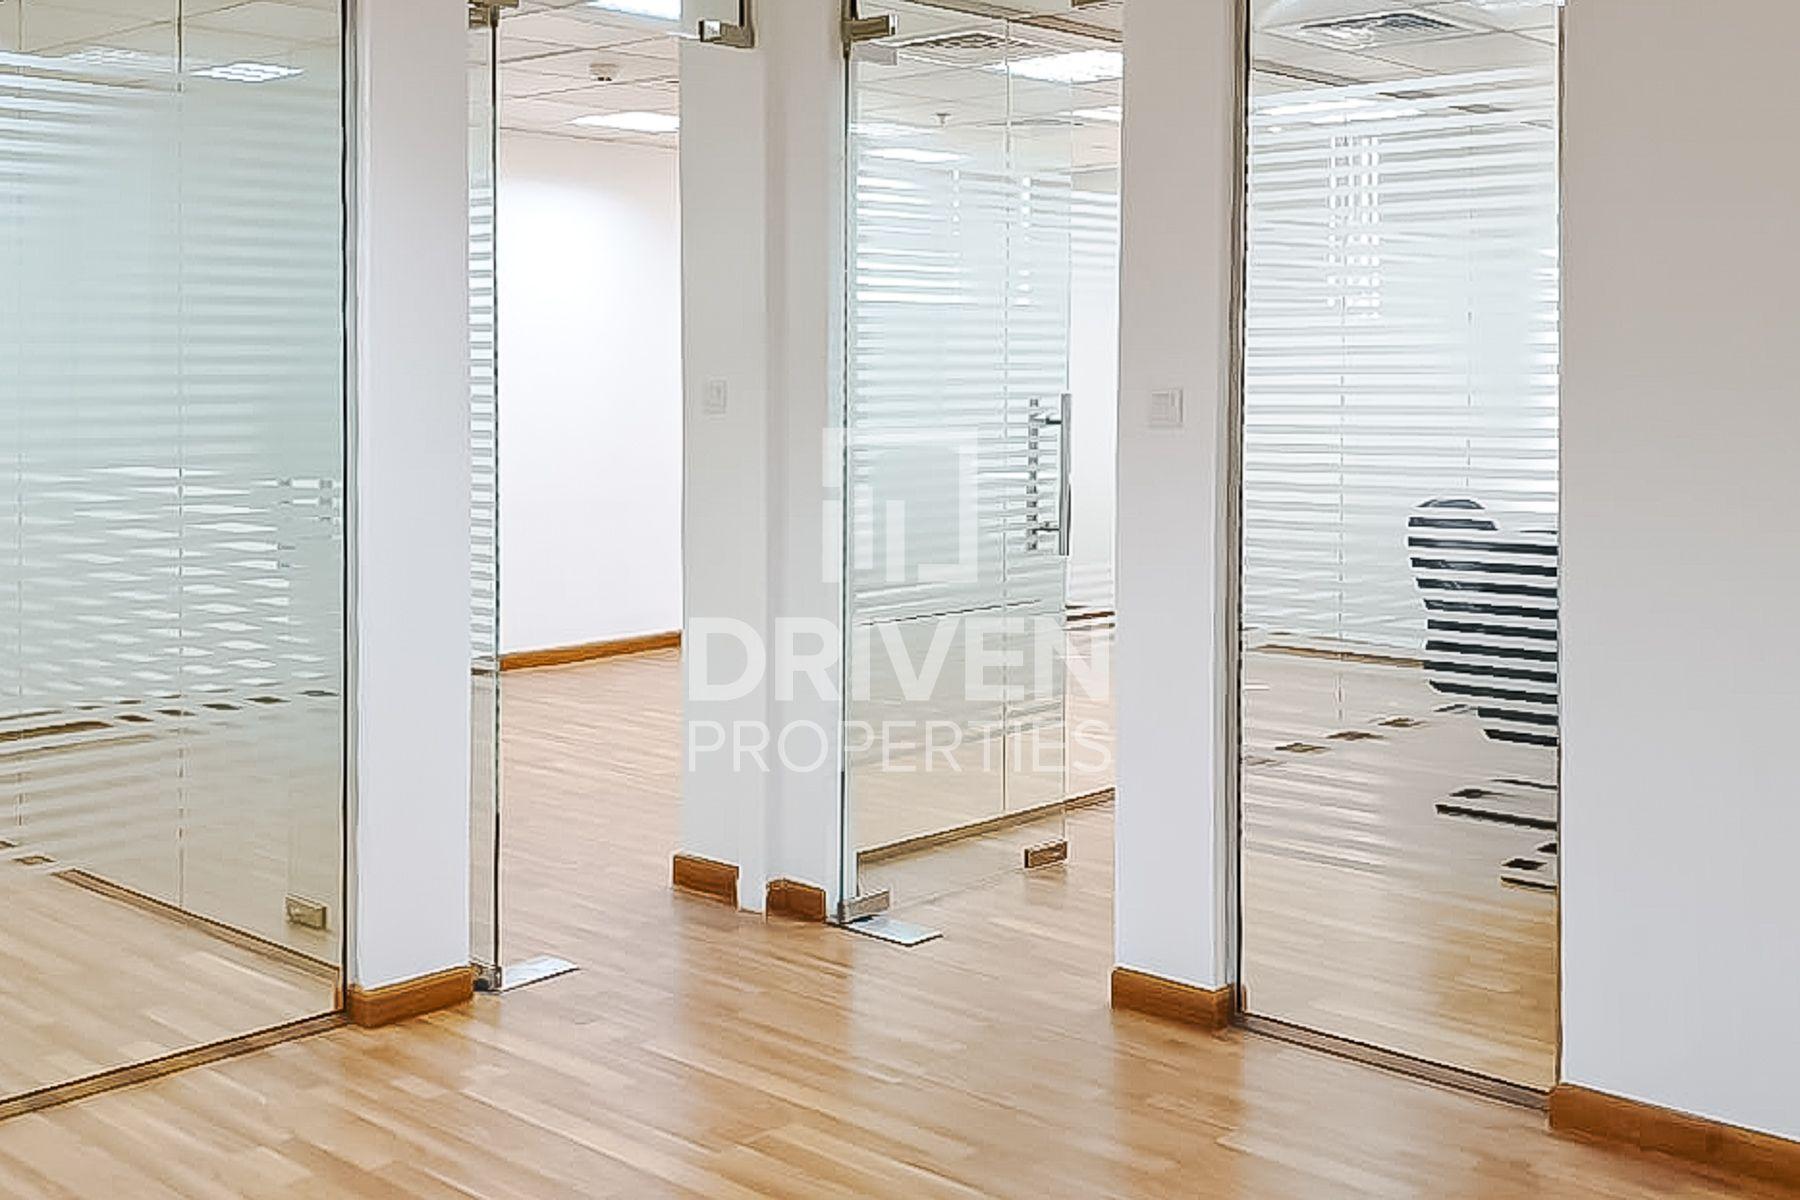 1,689 قدم مربع  مكتب - للبيع - أبراج بحيرة الجميرا